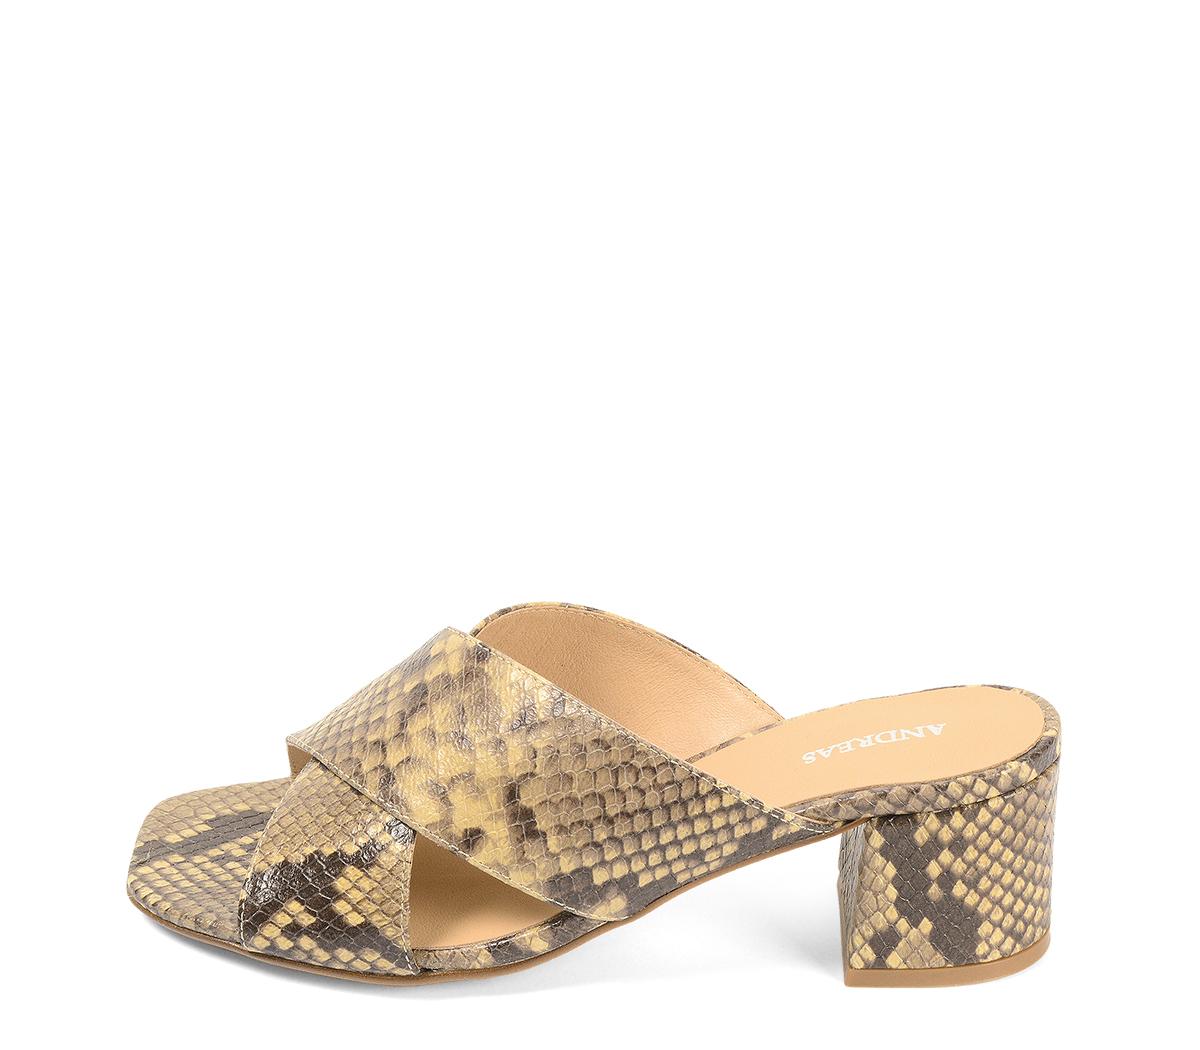 Ref. 4239 Sandalia piel con estampado serpiente beige. Pala cruzada. Altura tacón 6 cm y sin plataforma delantera.